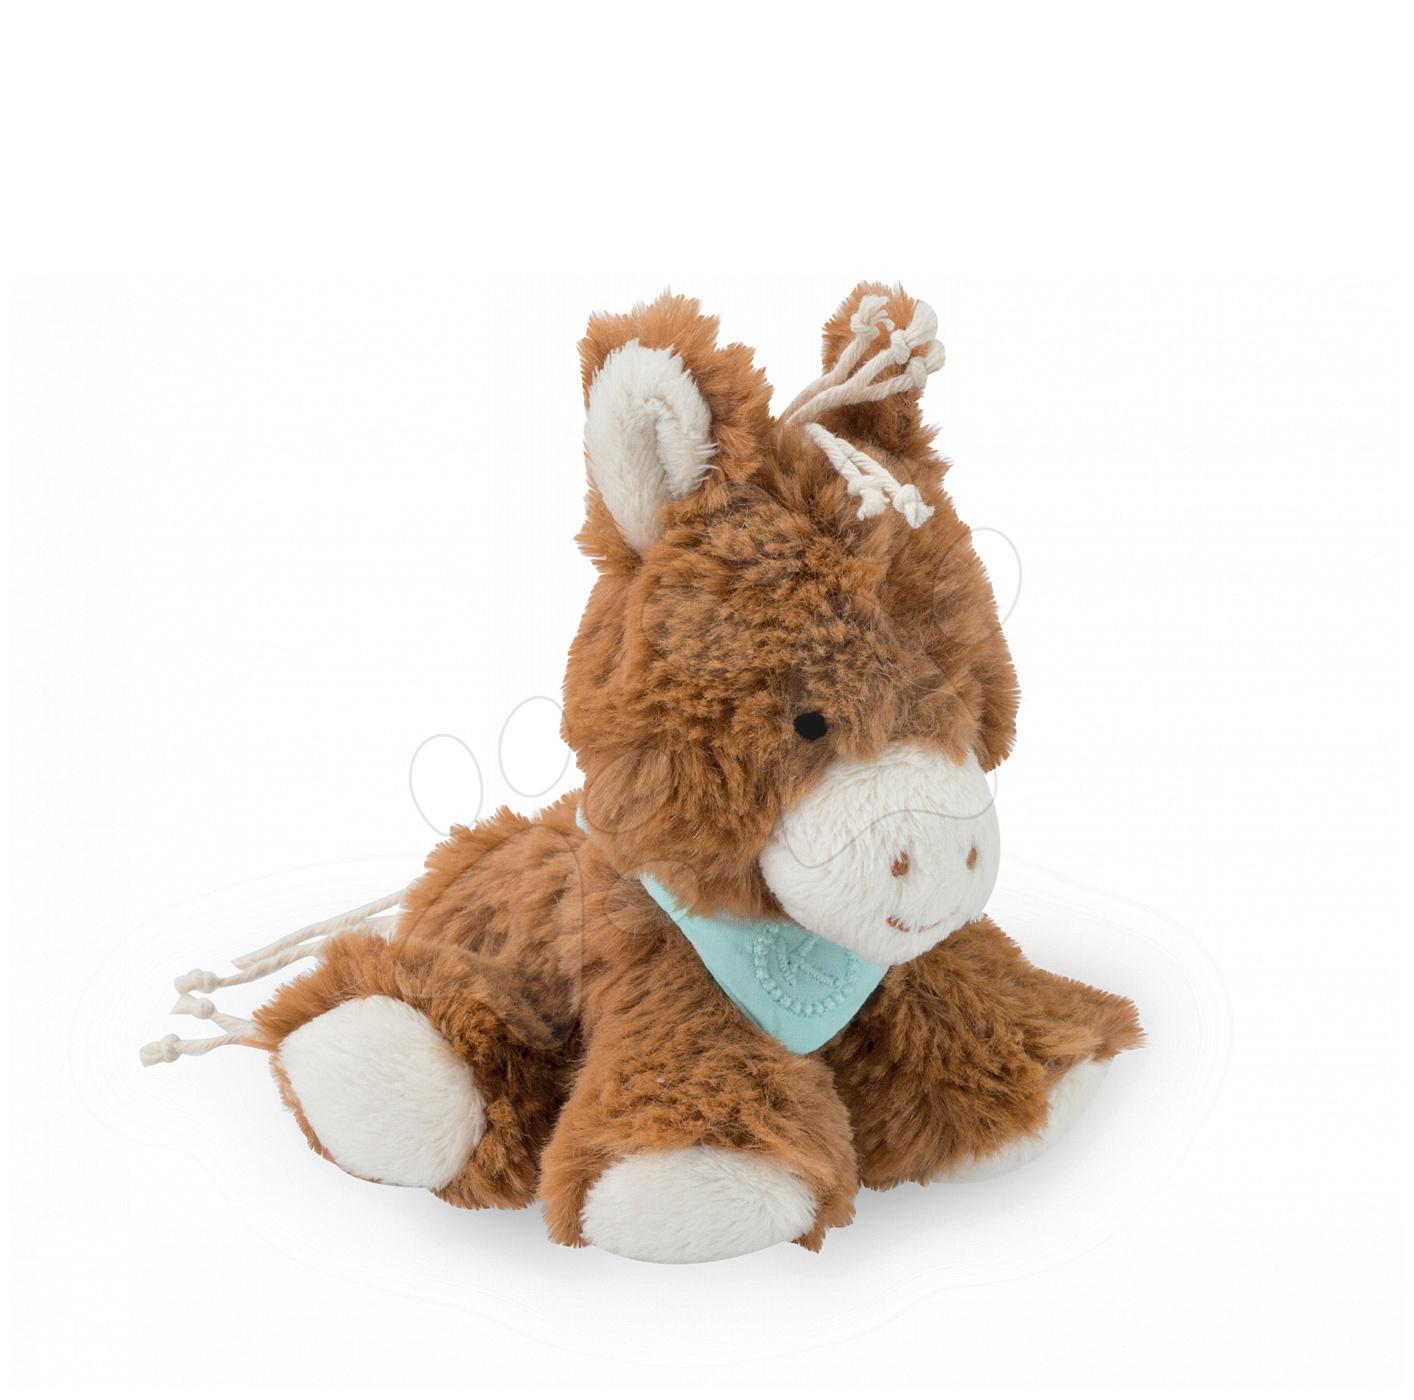 Plyšové zvieratká - Plyšový koník Mocha Les Amis-Cheval Kaloo 12 cm v darčekovom balení pre najmenších